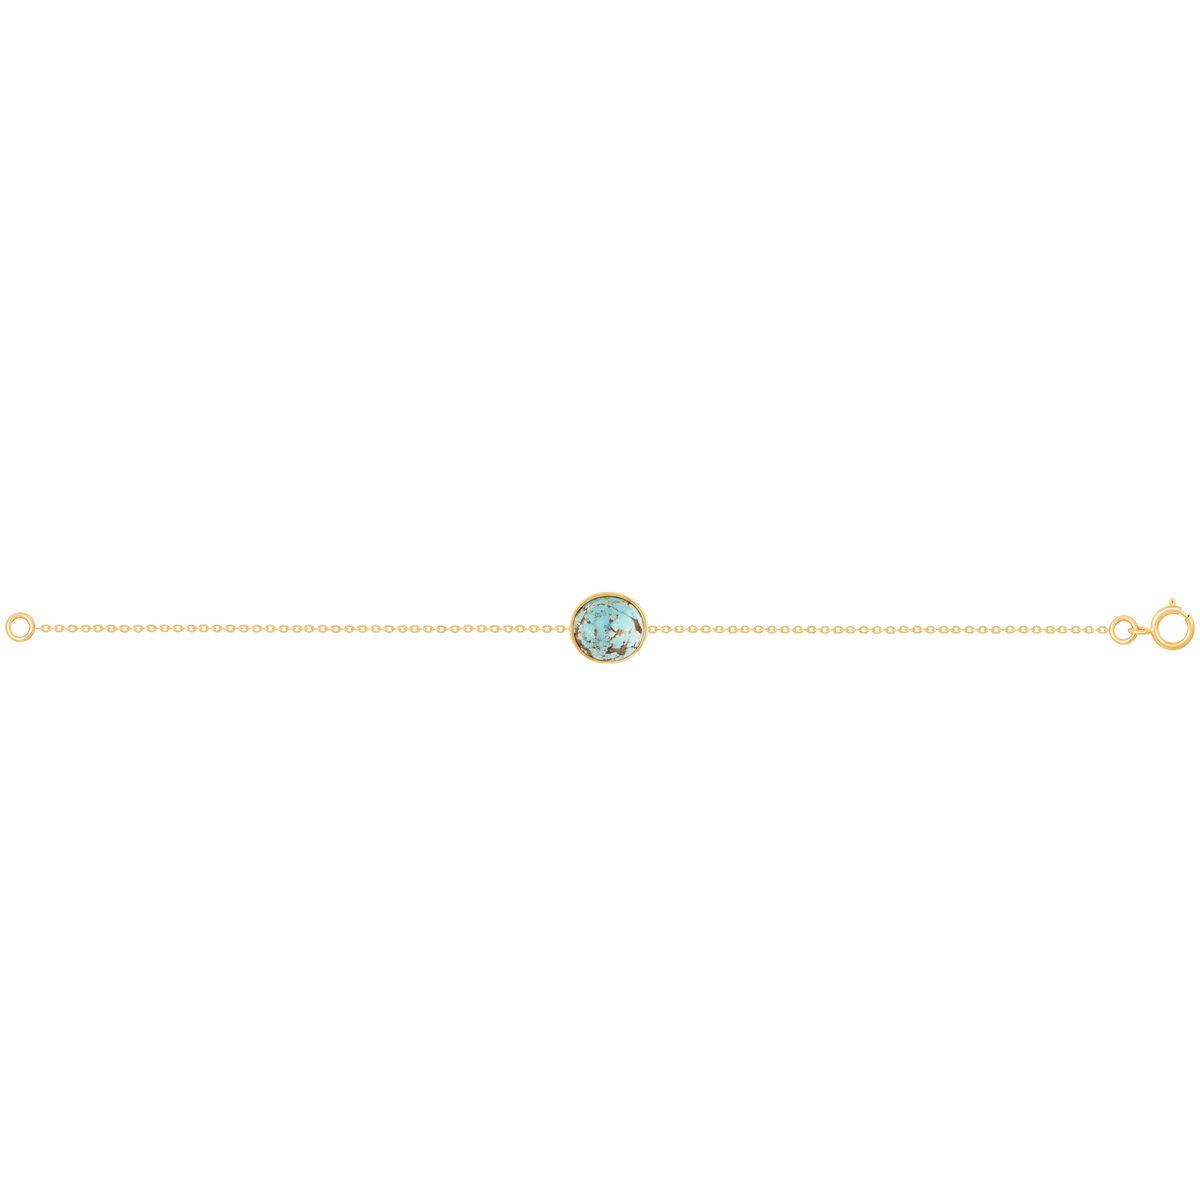 دستبند زنجیری فیروزه دایره پرسته